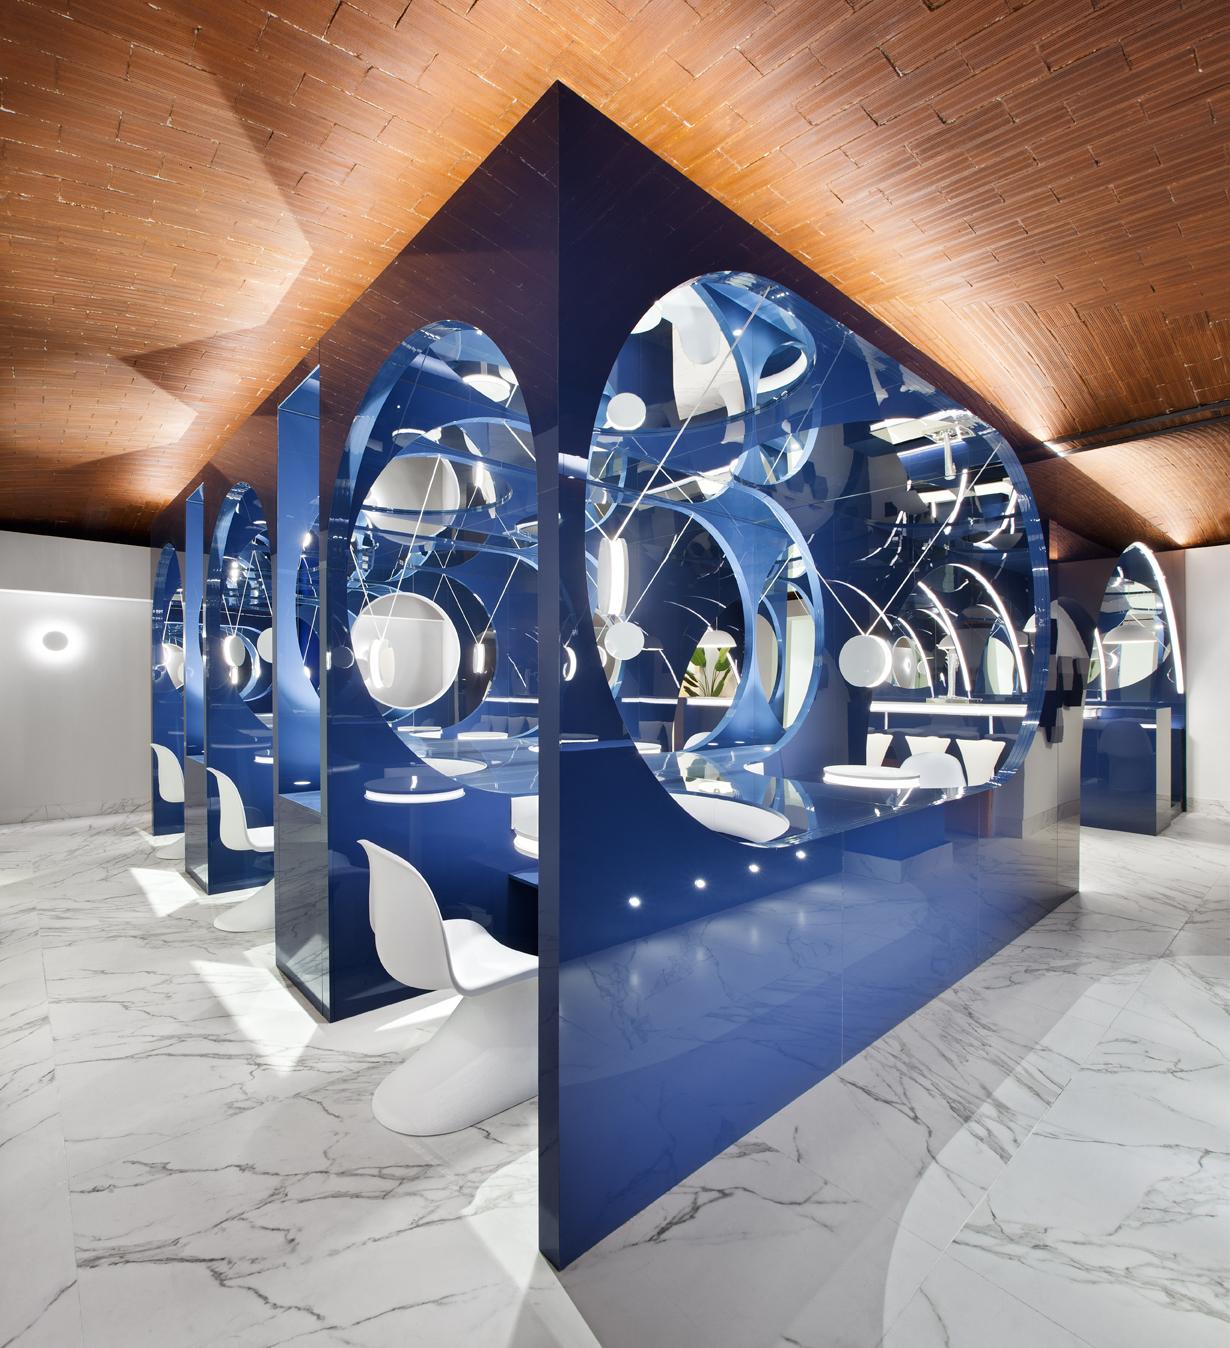 ALVIC, premio del jurado de CASA DECOR al mejor diseño original de interiorista 2020